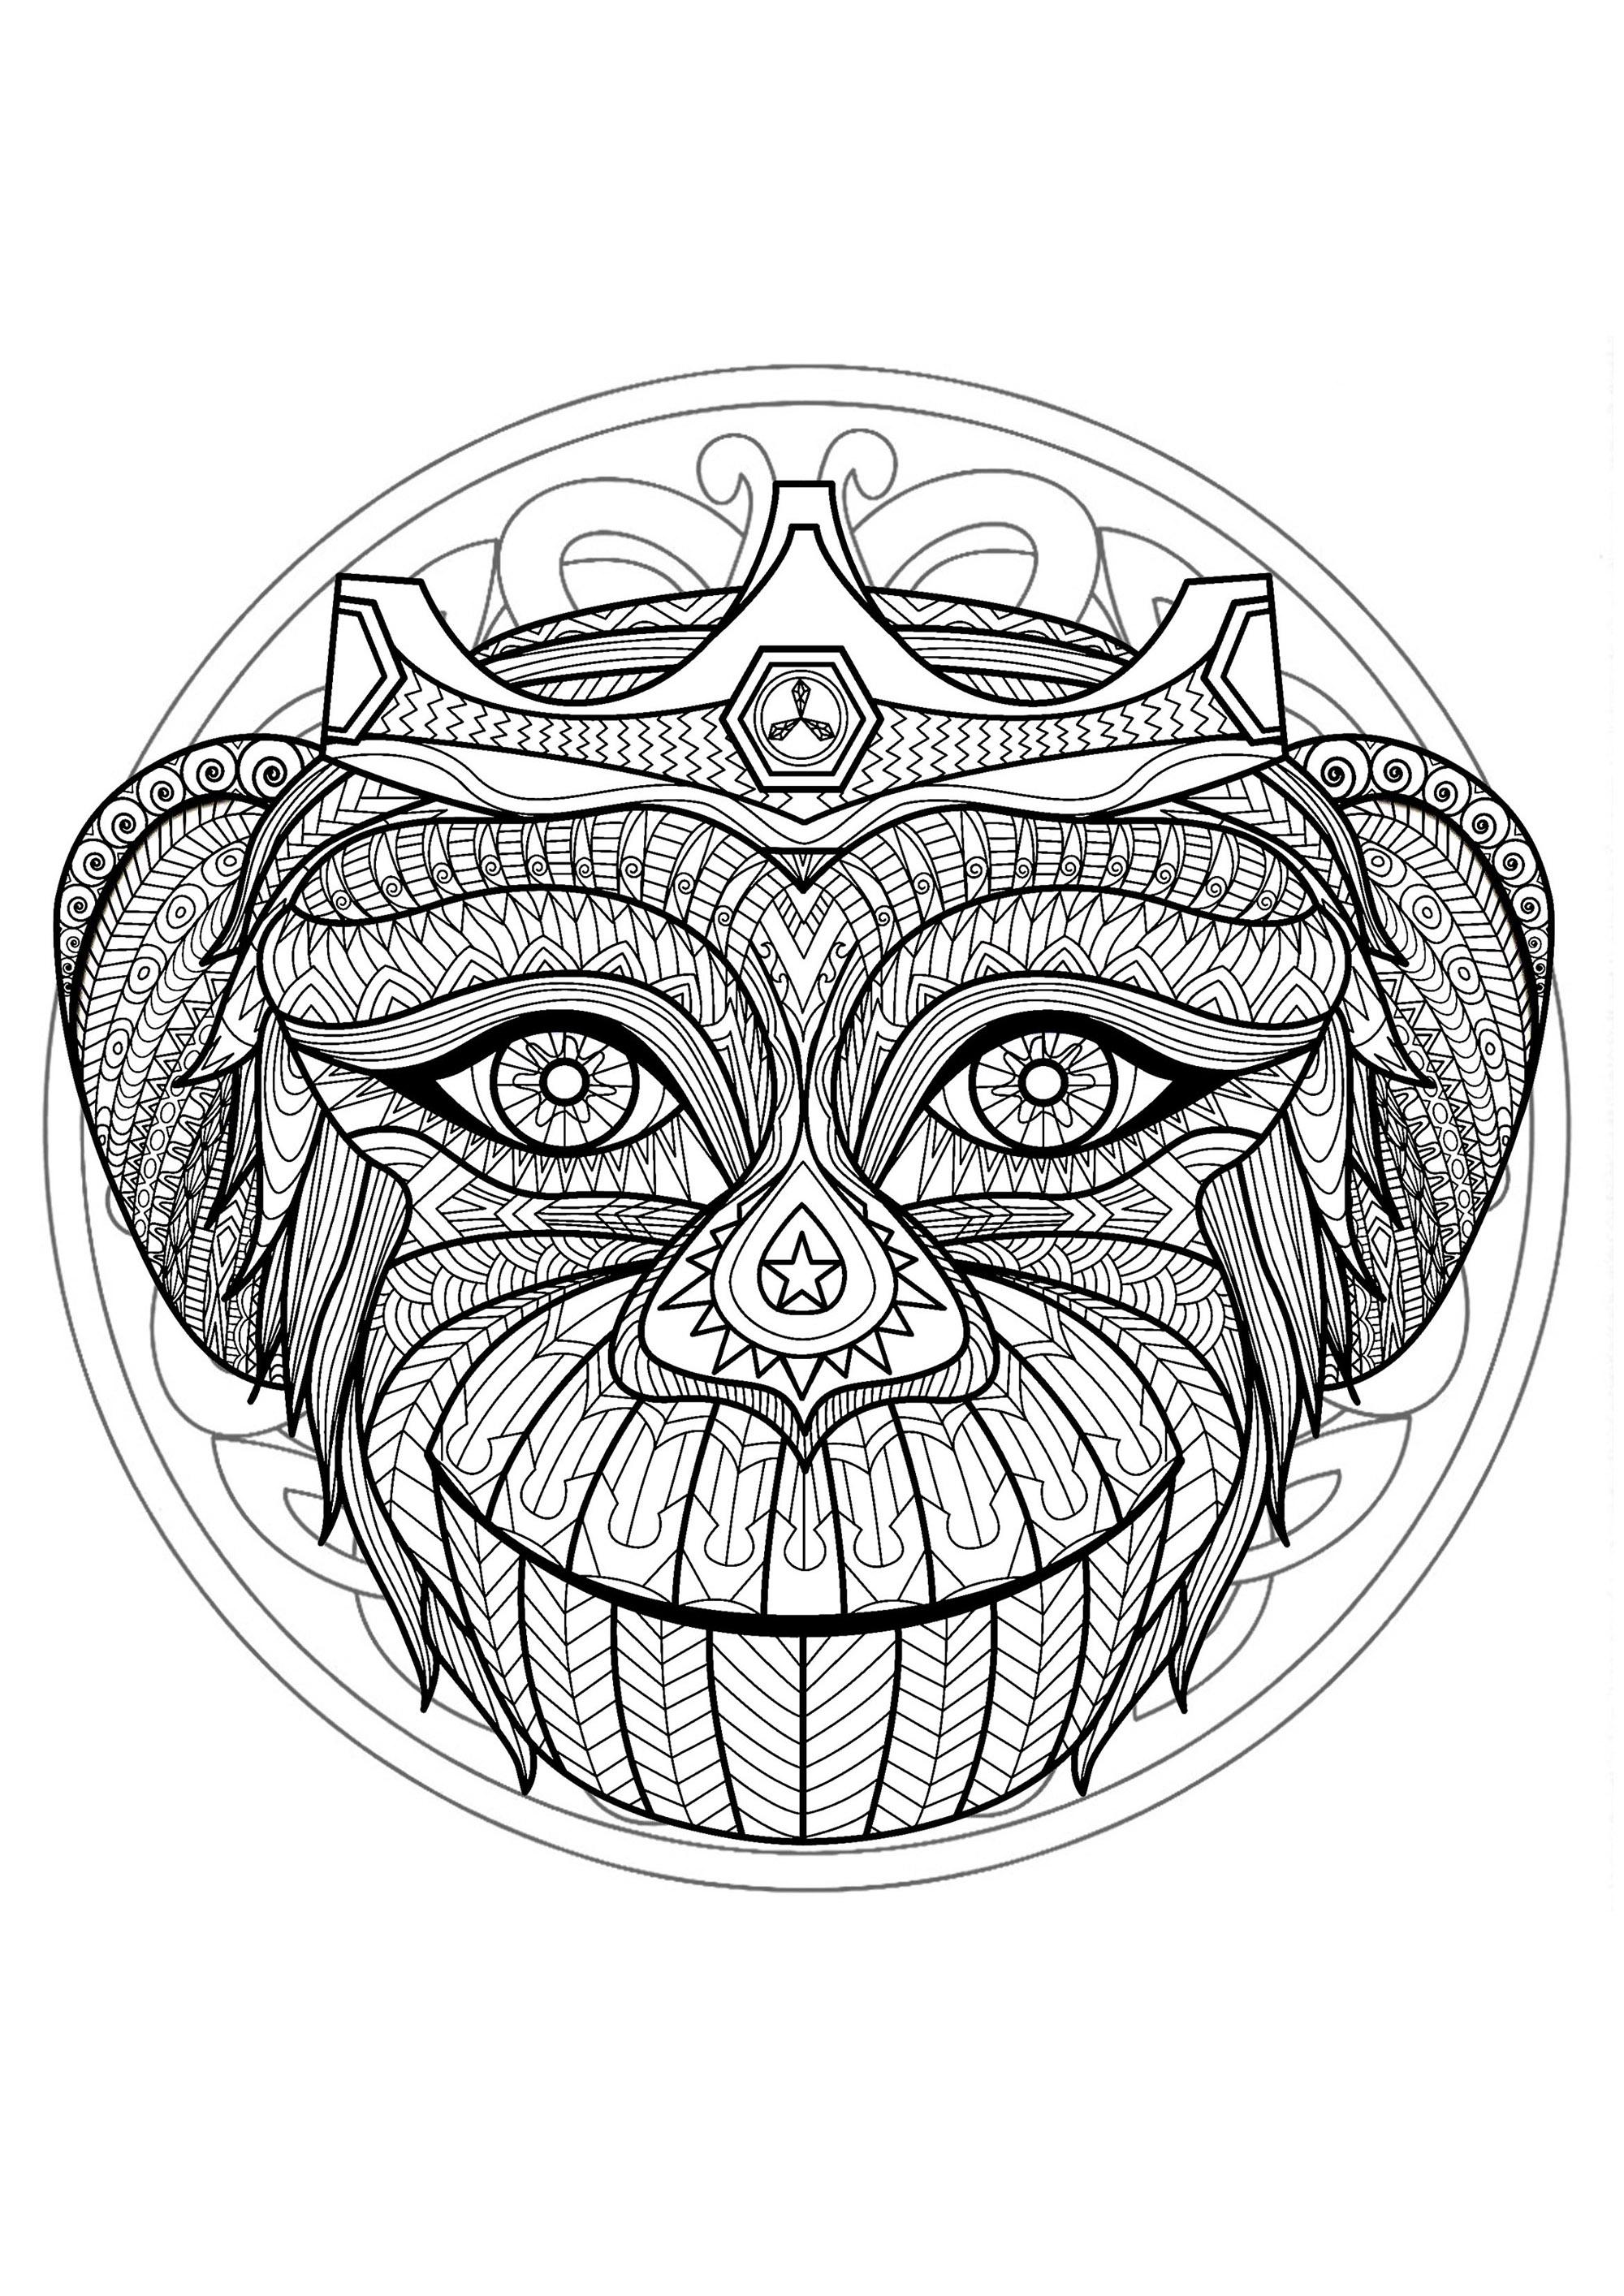 Mandala Tte De Singe 1 Mandalas Difficiles Pour